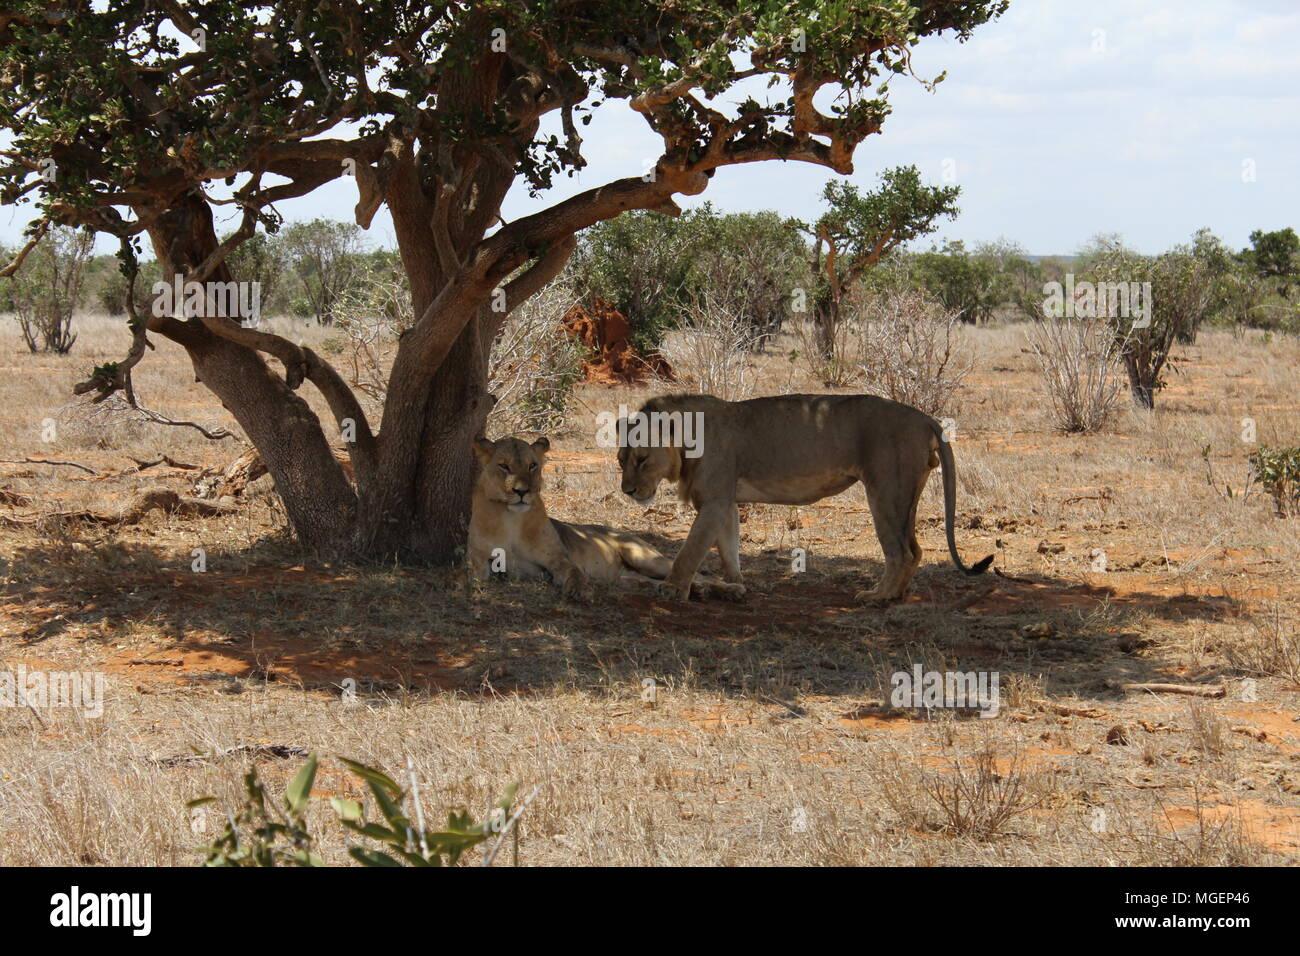 Par de leones descansando en la sombra de un árbol en la sabana después de caza por la noche, uno de ellos mira directamente a la lente, en el parque de Tsavo Foto de stock